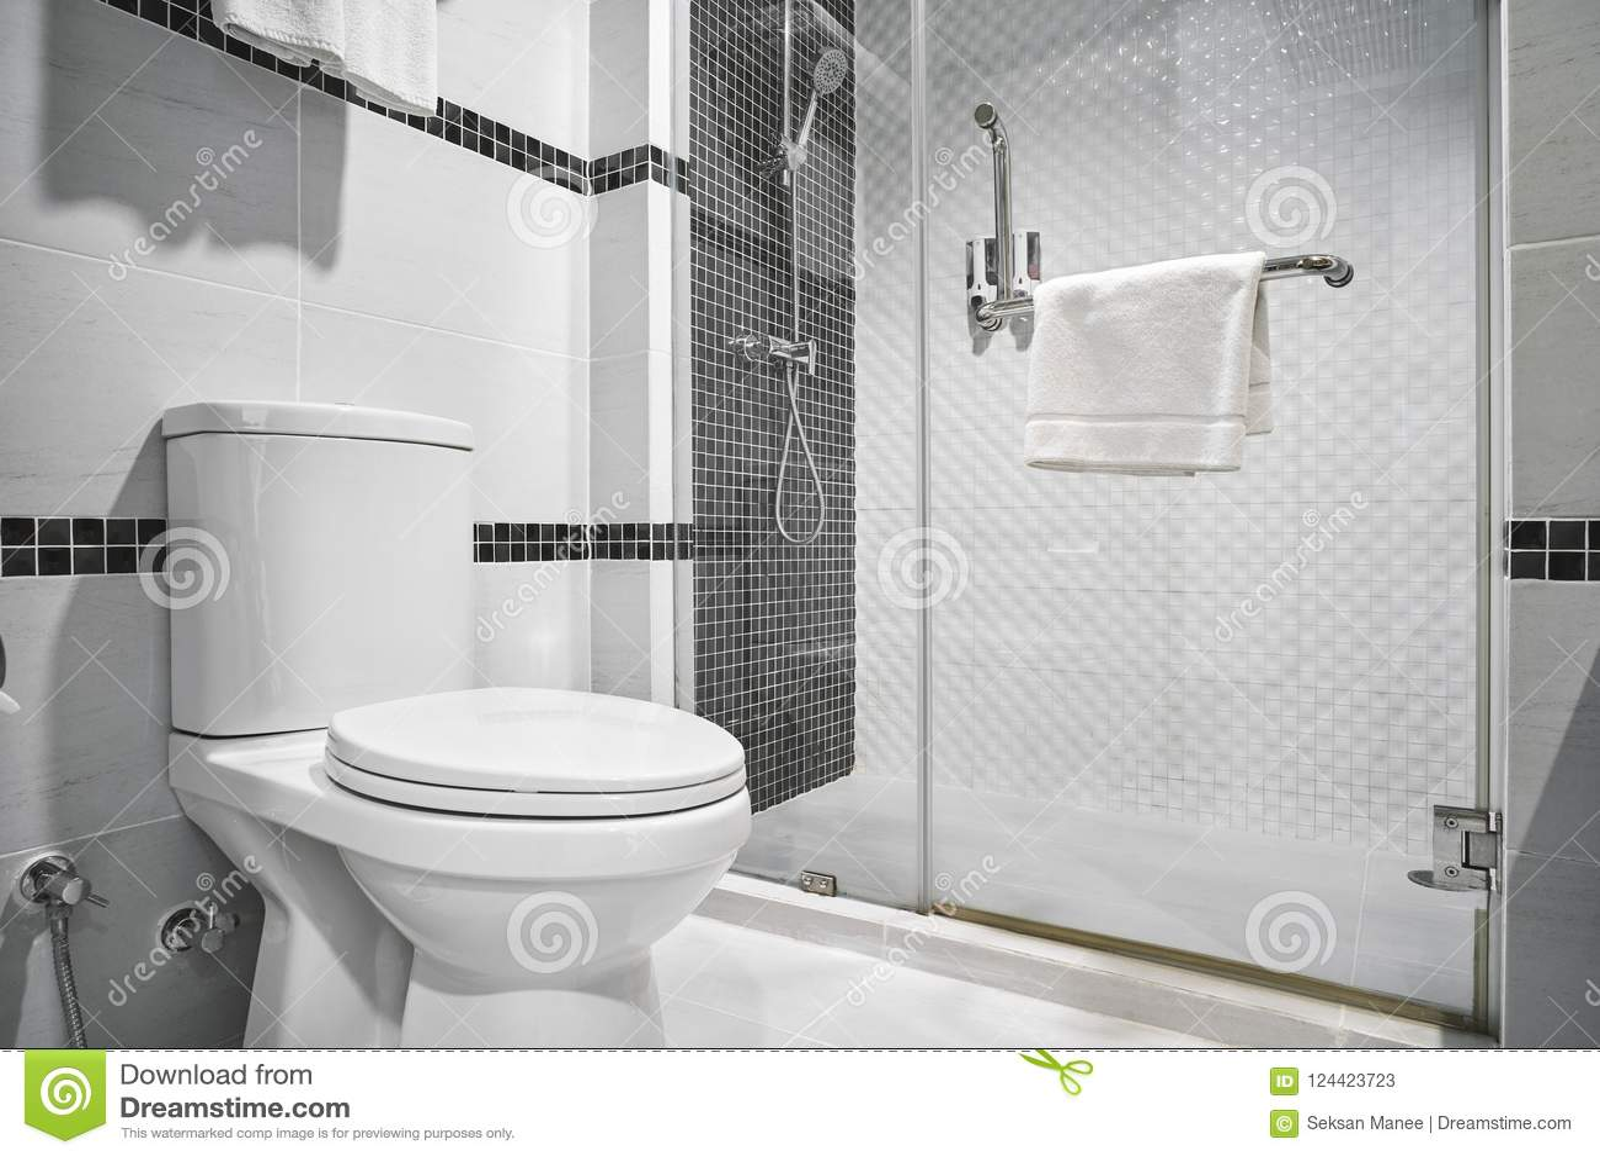 Decoracion Cuarto De Baño Negro | Decoracion De Baño En Blanco Y ...